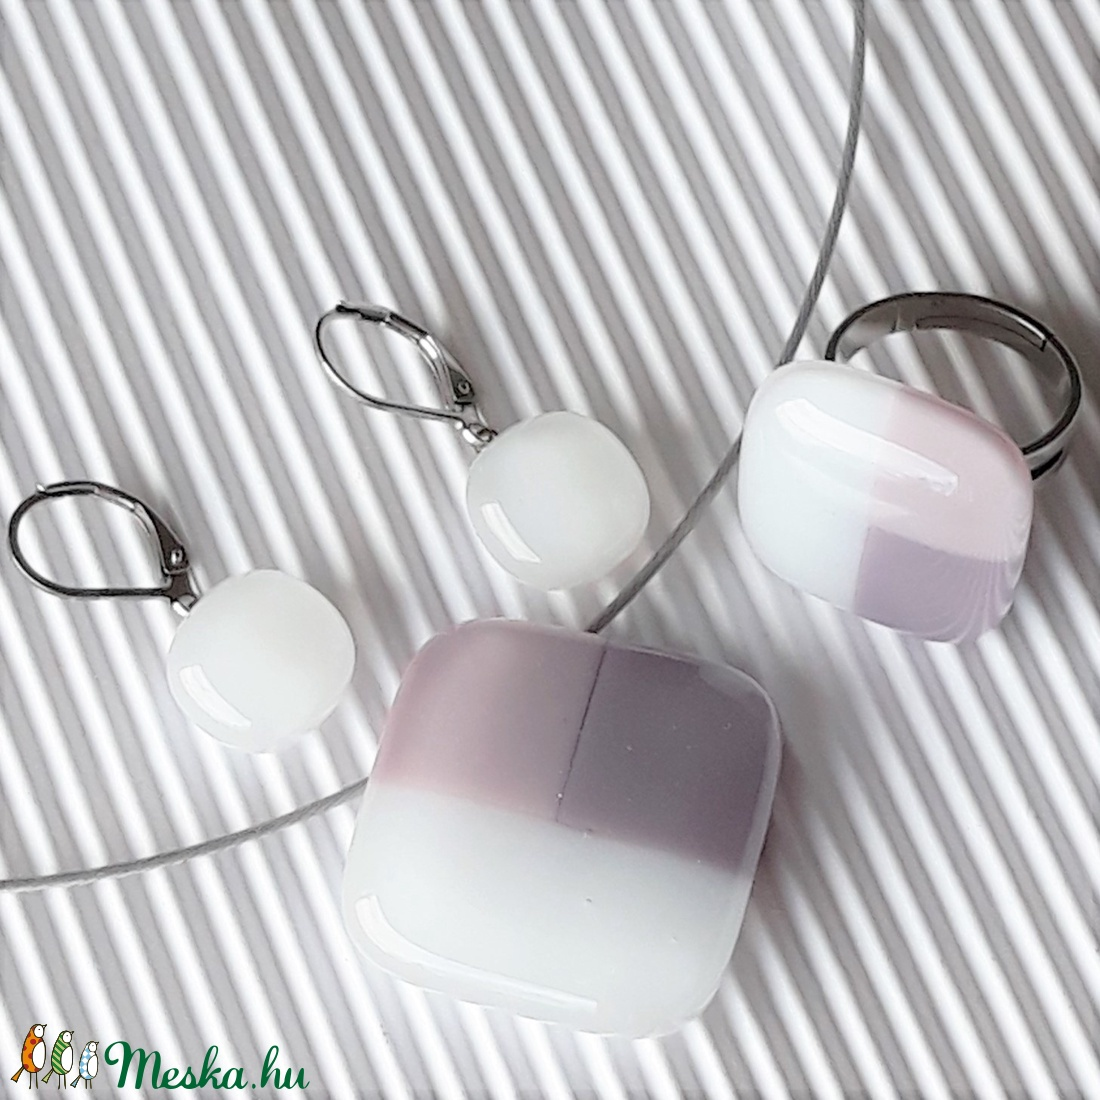 NEMESACÉL: Tulipánbimbó pasztell lilában üveg medál és franciakapcsos fülbevaló, üvegékszer szett - ékszer - ékszerszett - Meska.hu